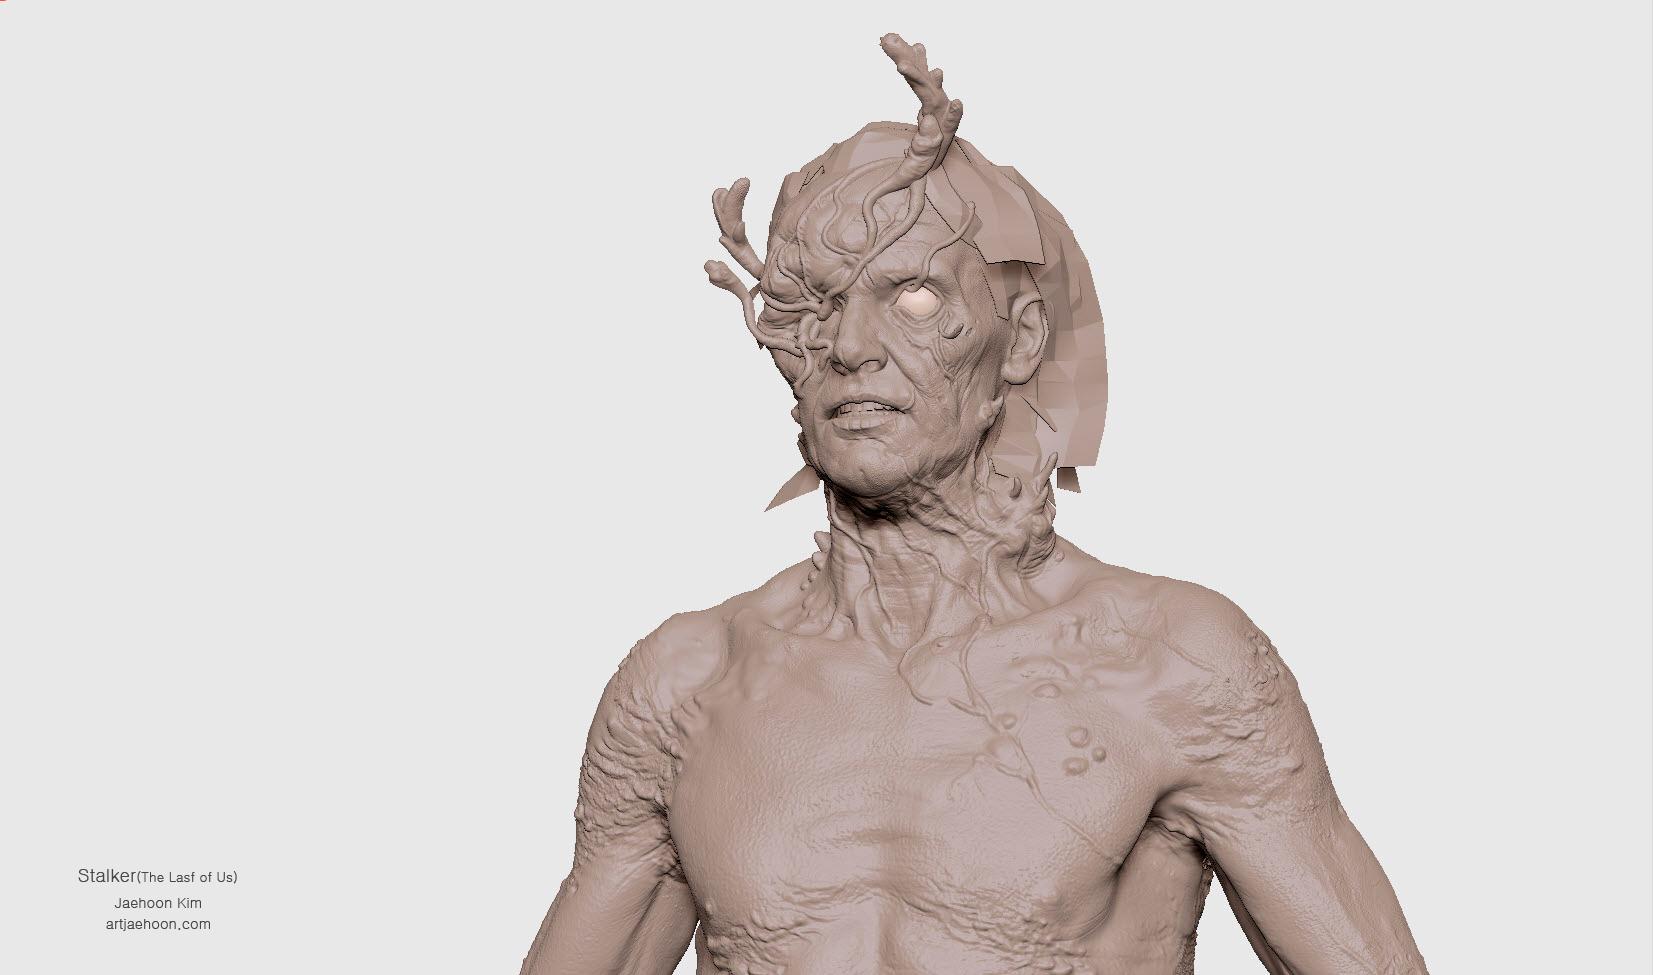 Stalker sculpt image